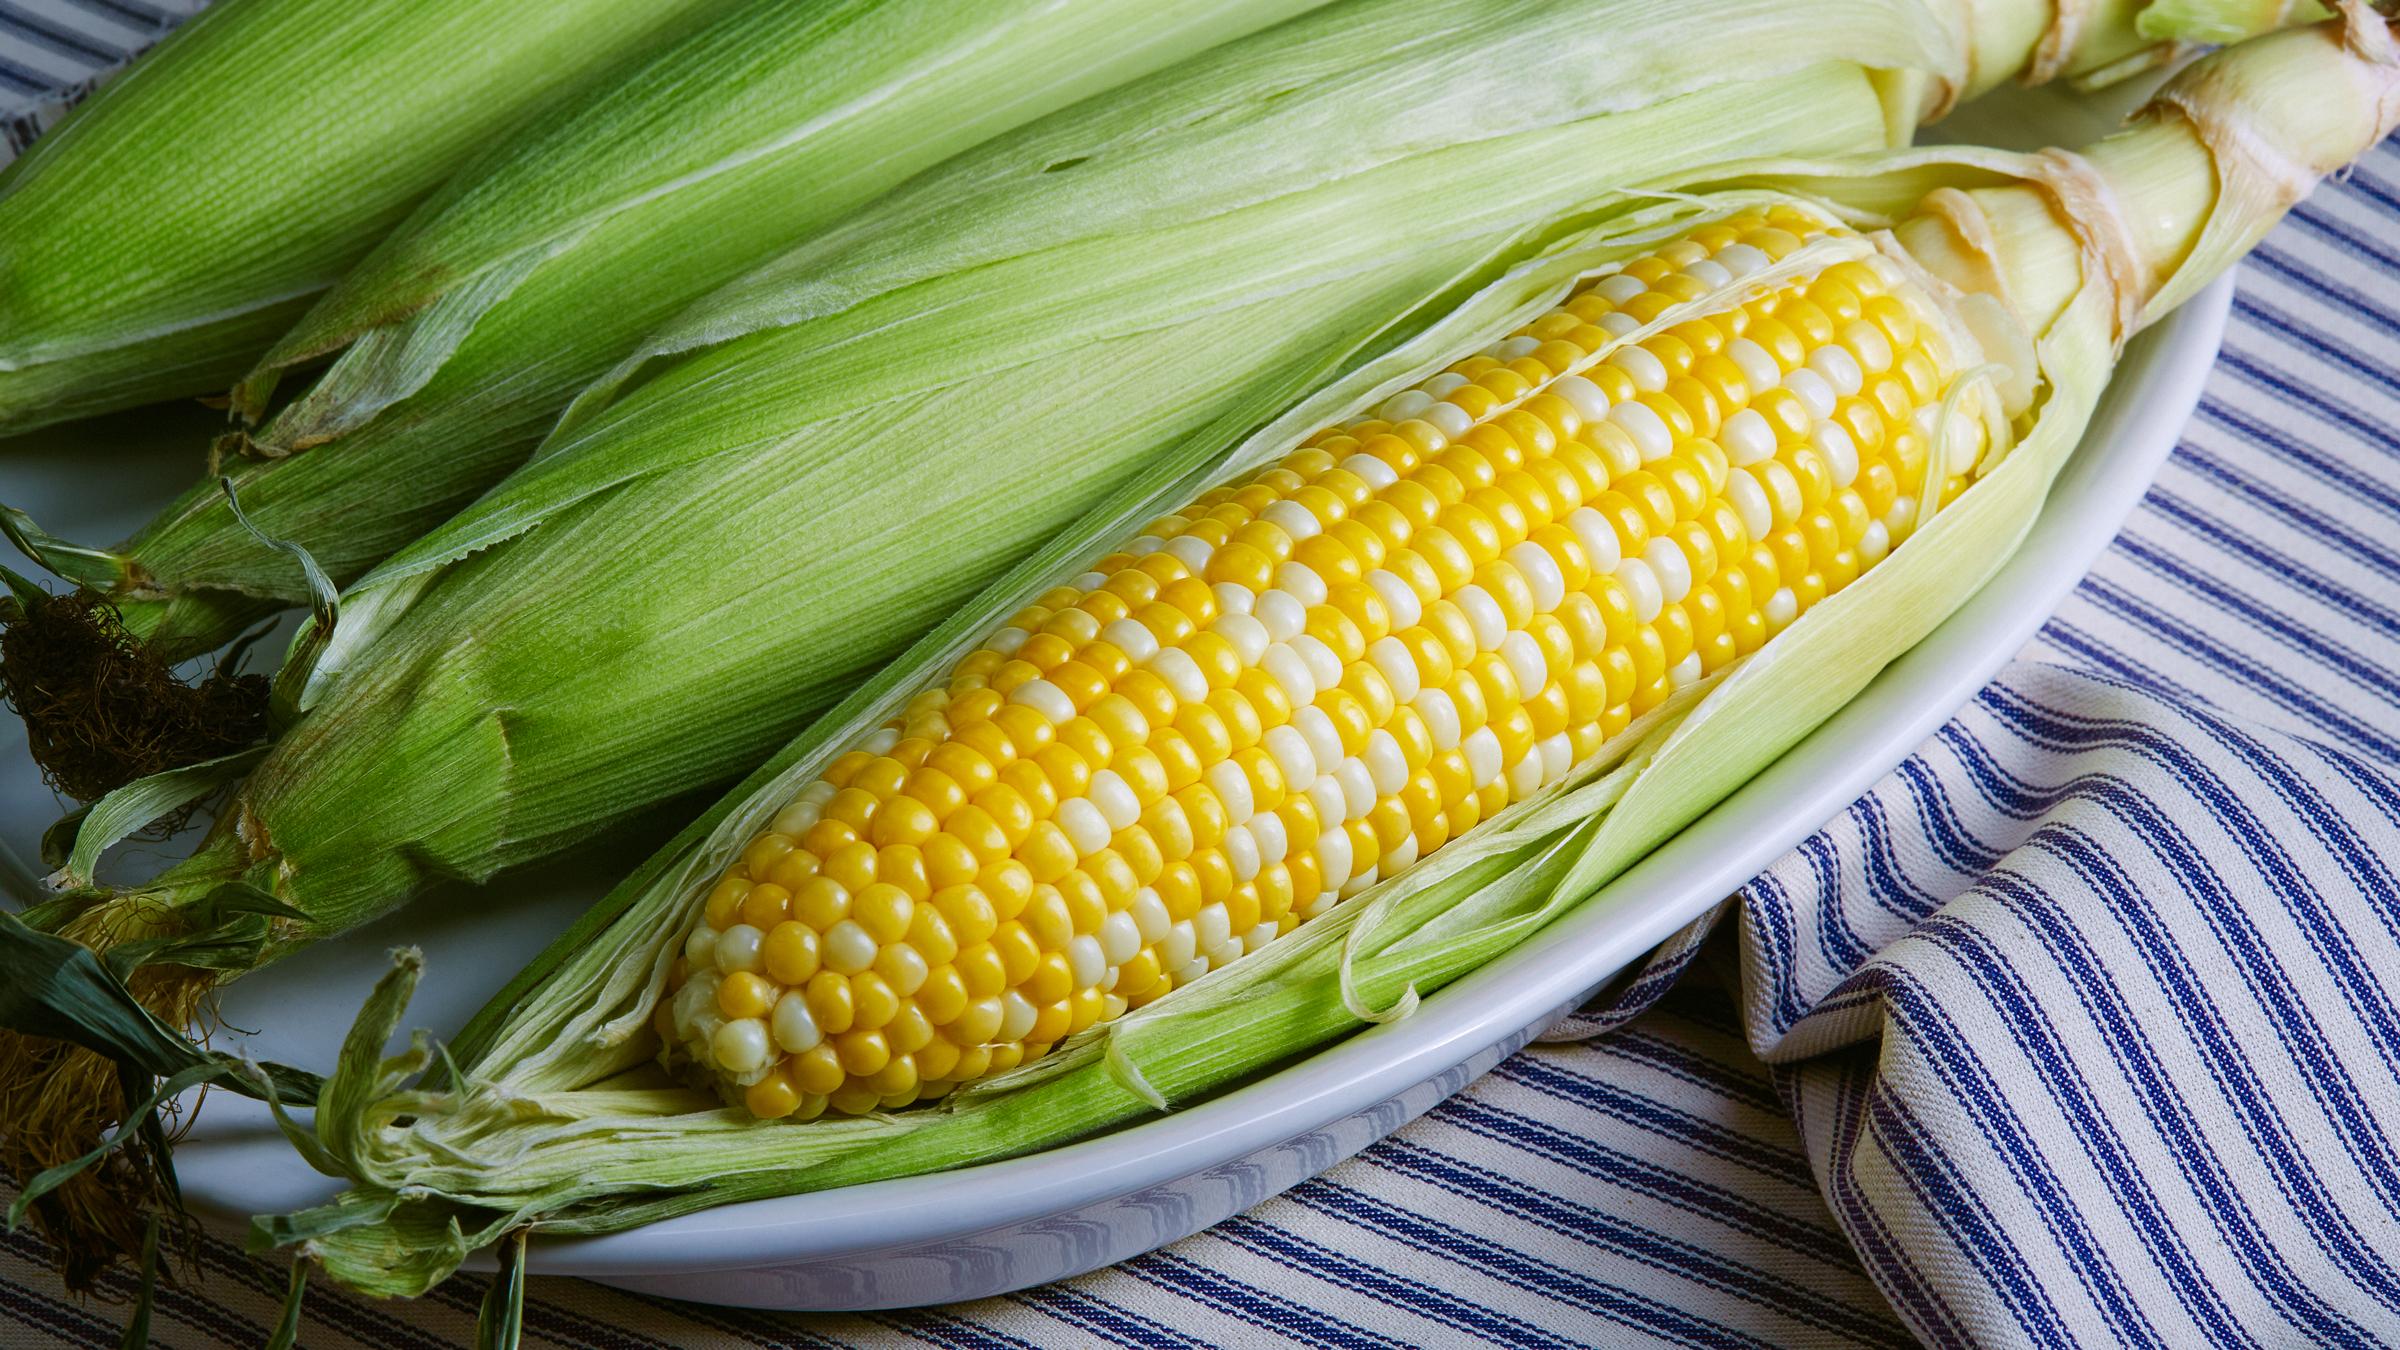 deepi_ahluwalia_walmart_corn_crop.jpg